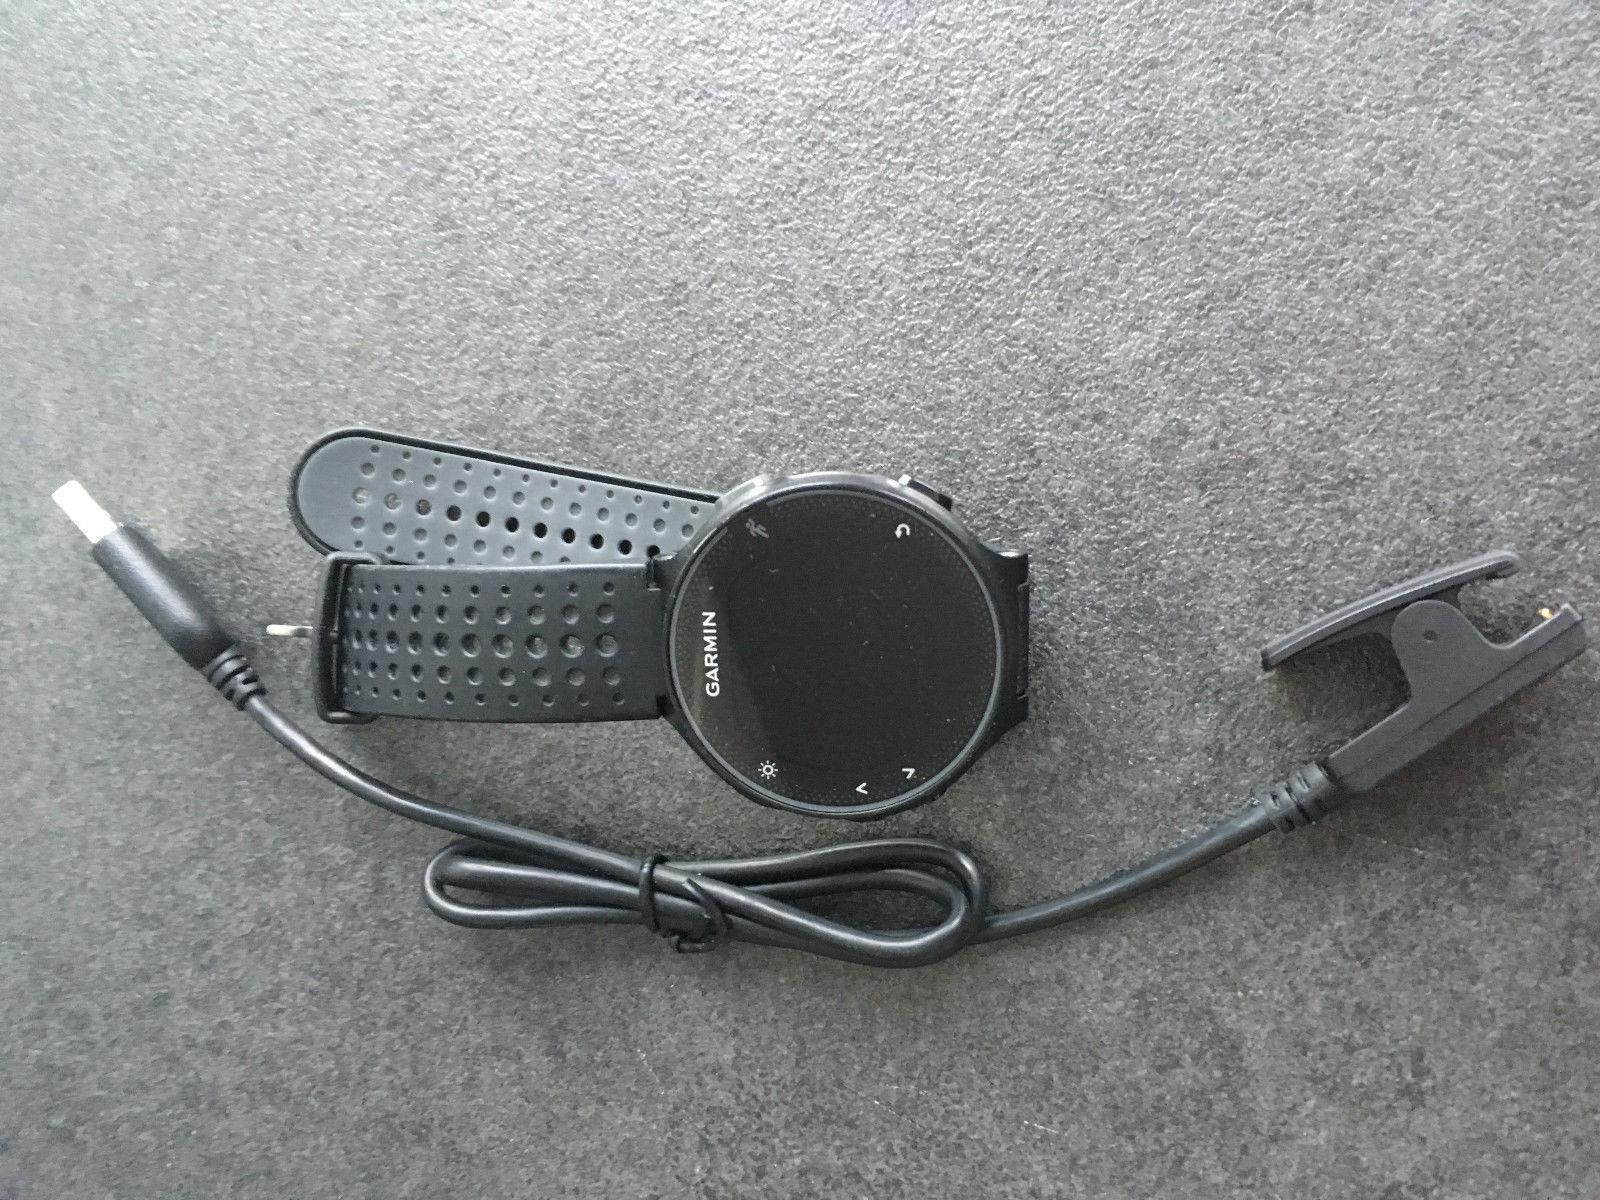 Garmin Forerunner 235 schwarz mit Ladekabel 1 Jahr alt